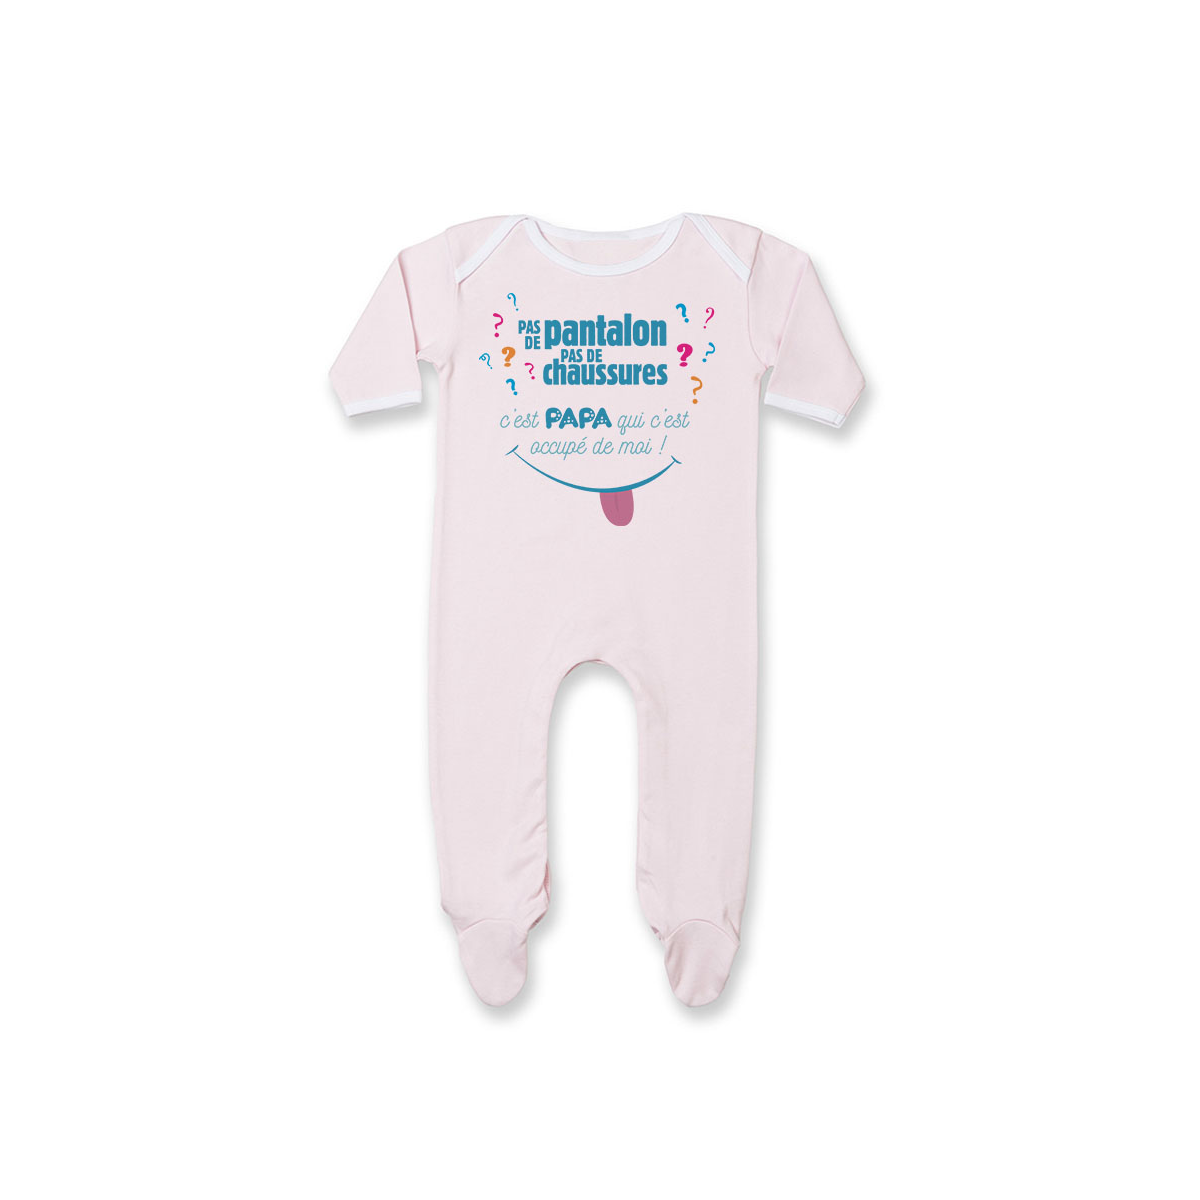 Pyjama bébé Pas de pantalon